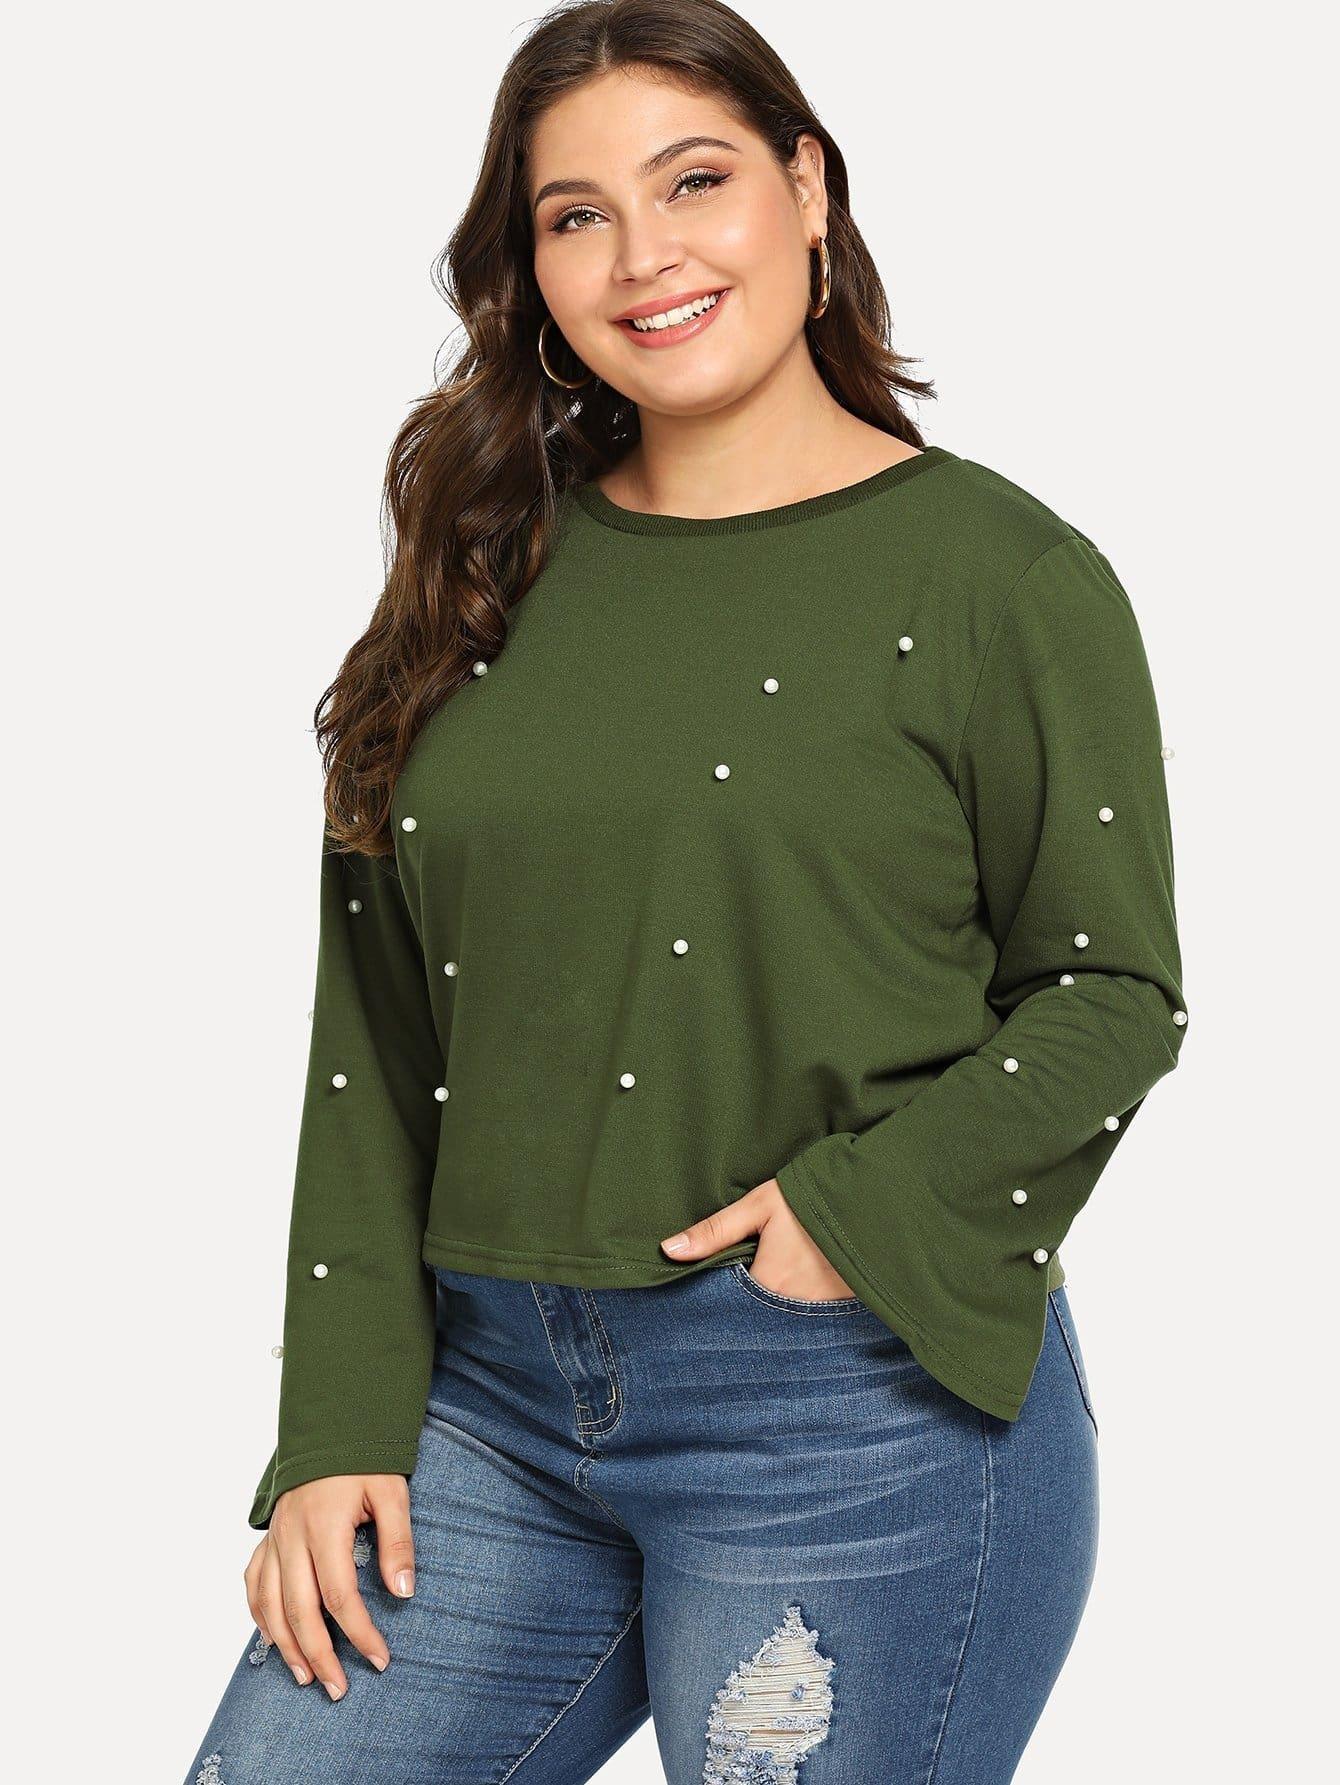 Übergroßes Sweatshirt mit Glockärmeln und Kunstperlen